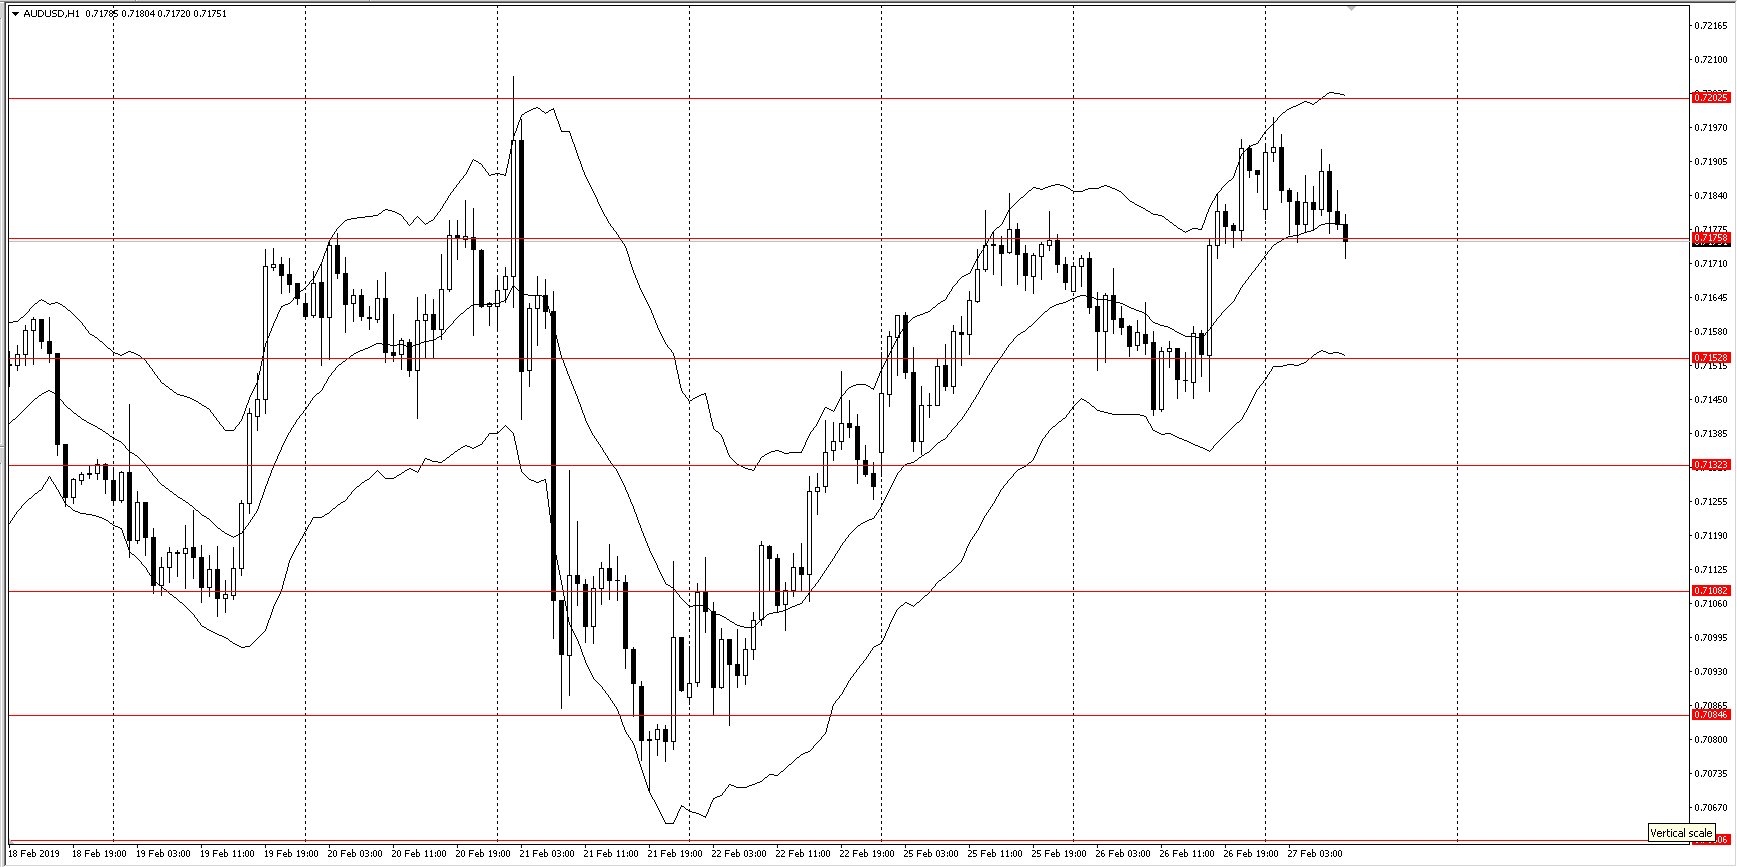 phan-tich-chart-traderviet7.